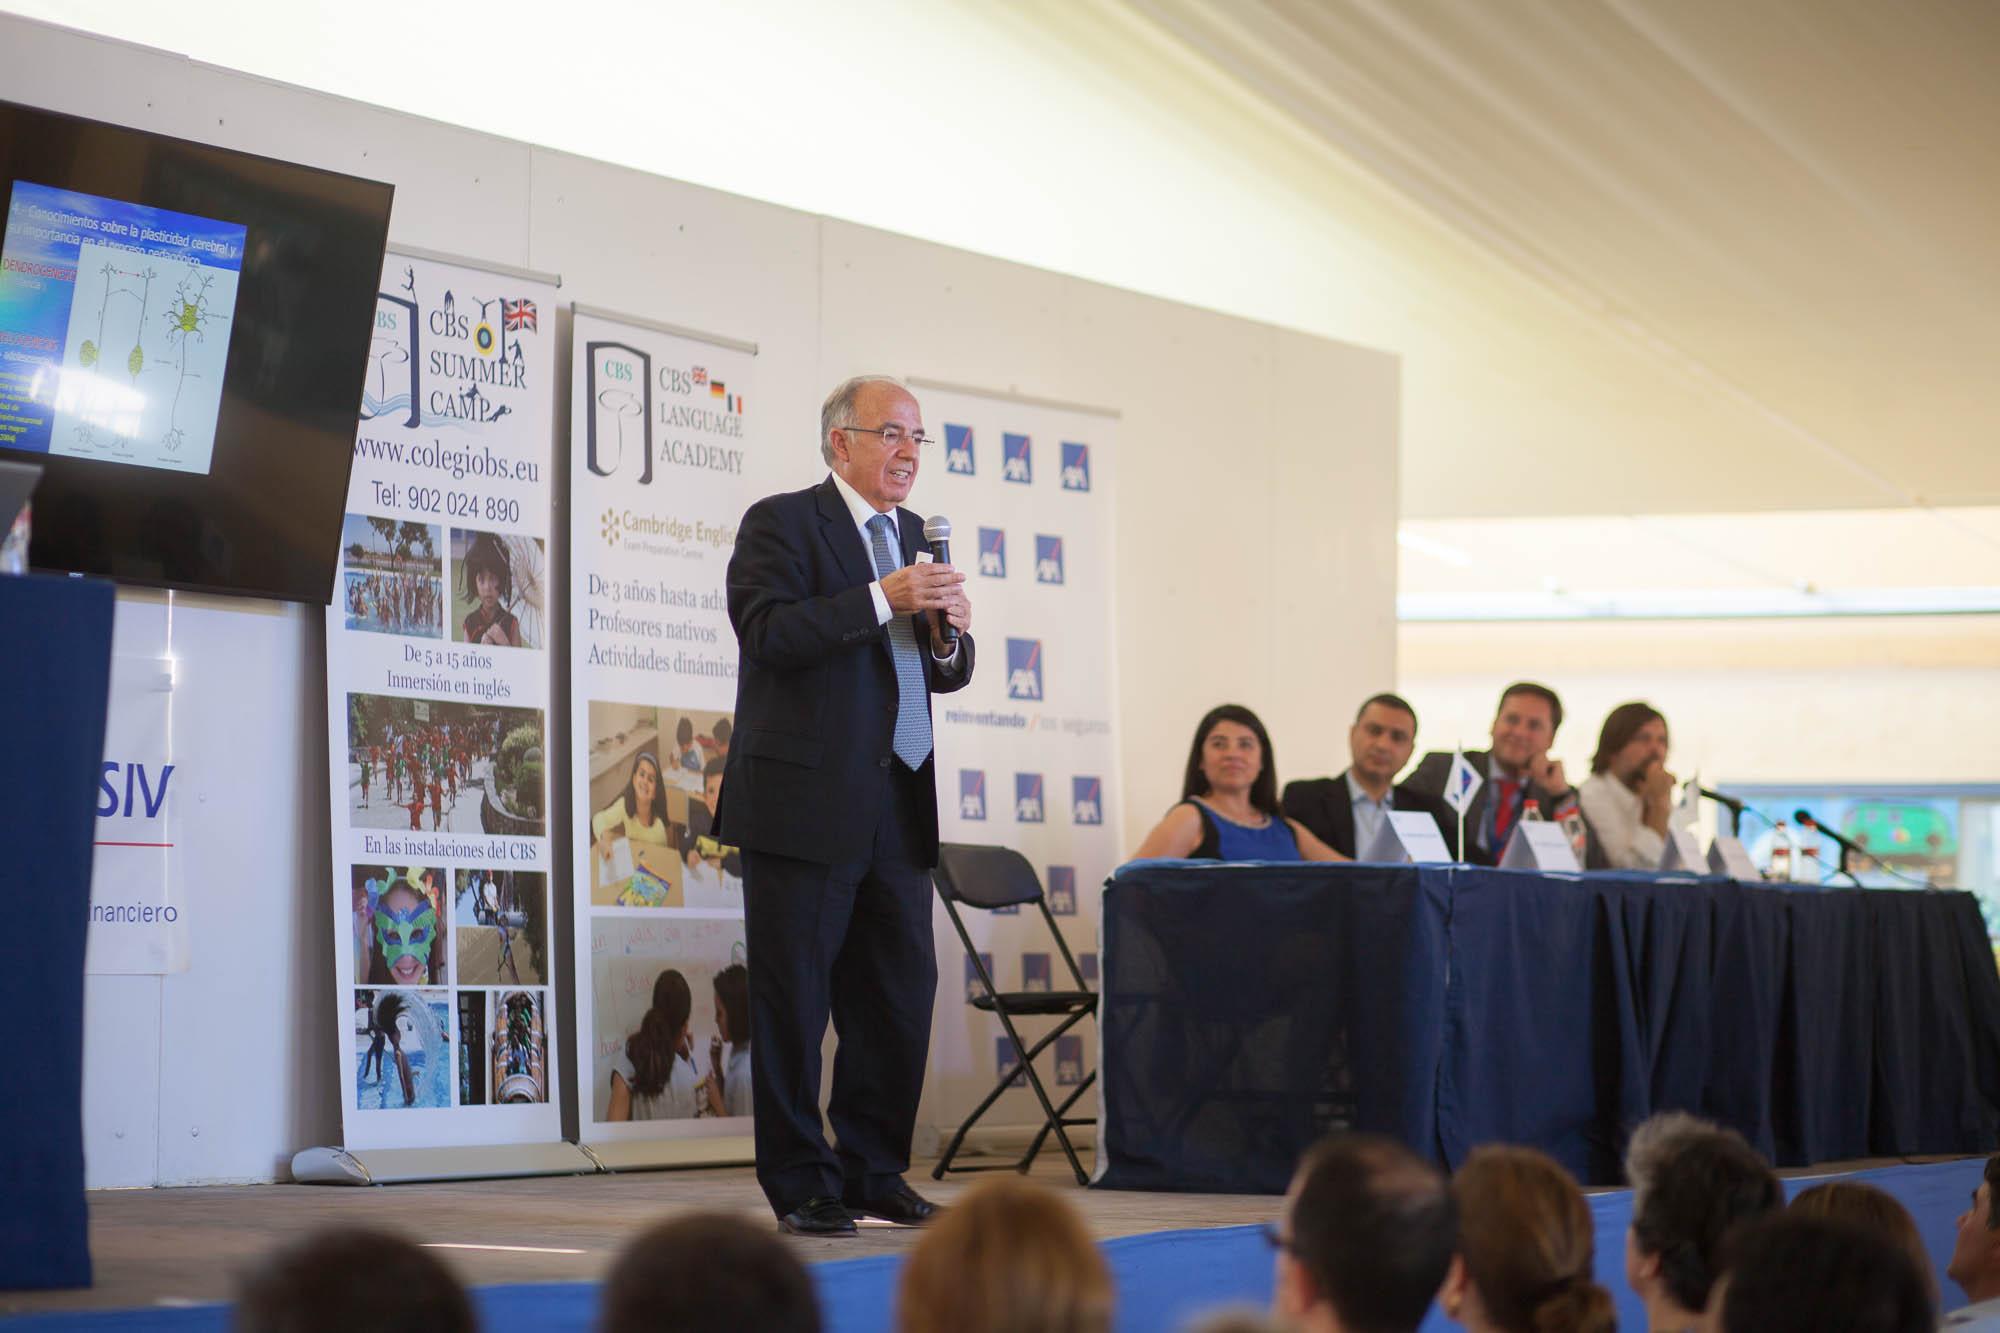 Carlos Herrera recomienda venir a las Conferencias Educativas en el CBS. Colegio Británico de Sevilla